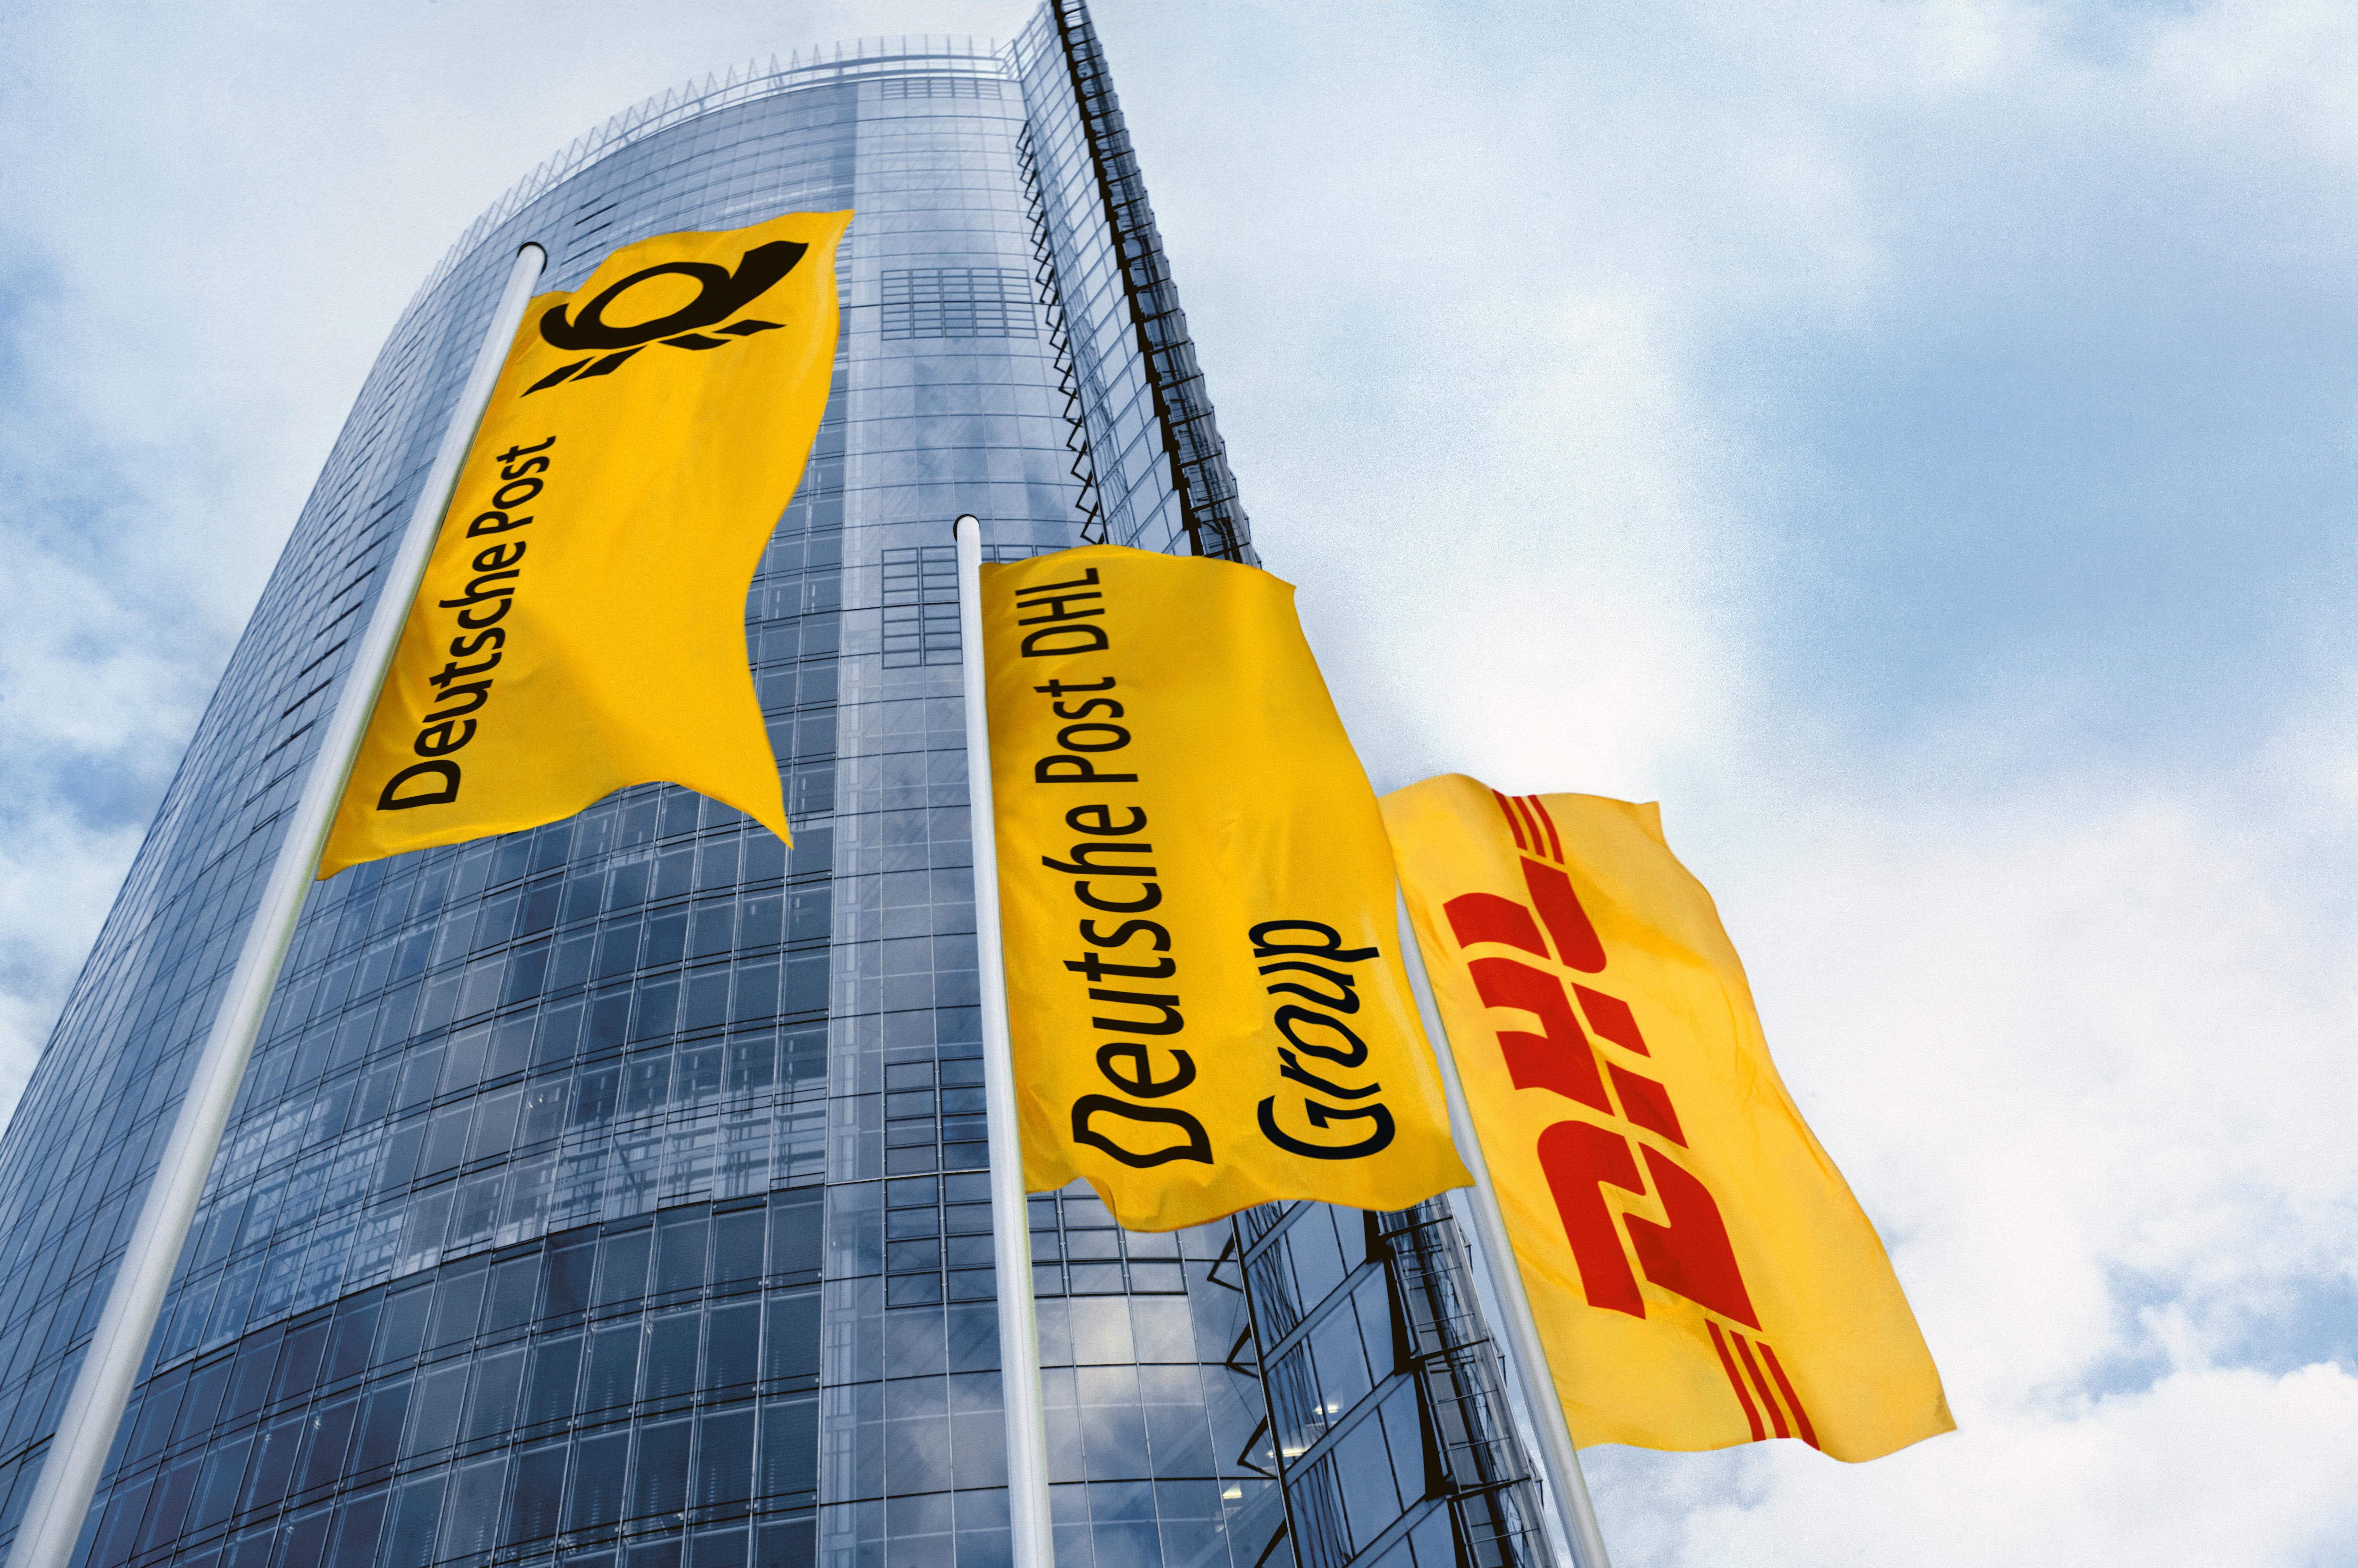 Deutsche Post DHL Group veröffentlicht vorläufiges Quartalsergebnis und wird Ausblick auf Basis anhaltend starker Ergebnisse erhöhen